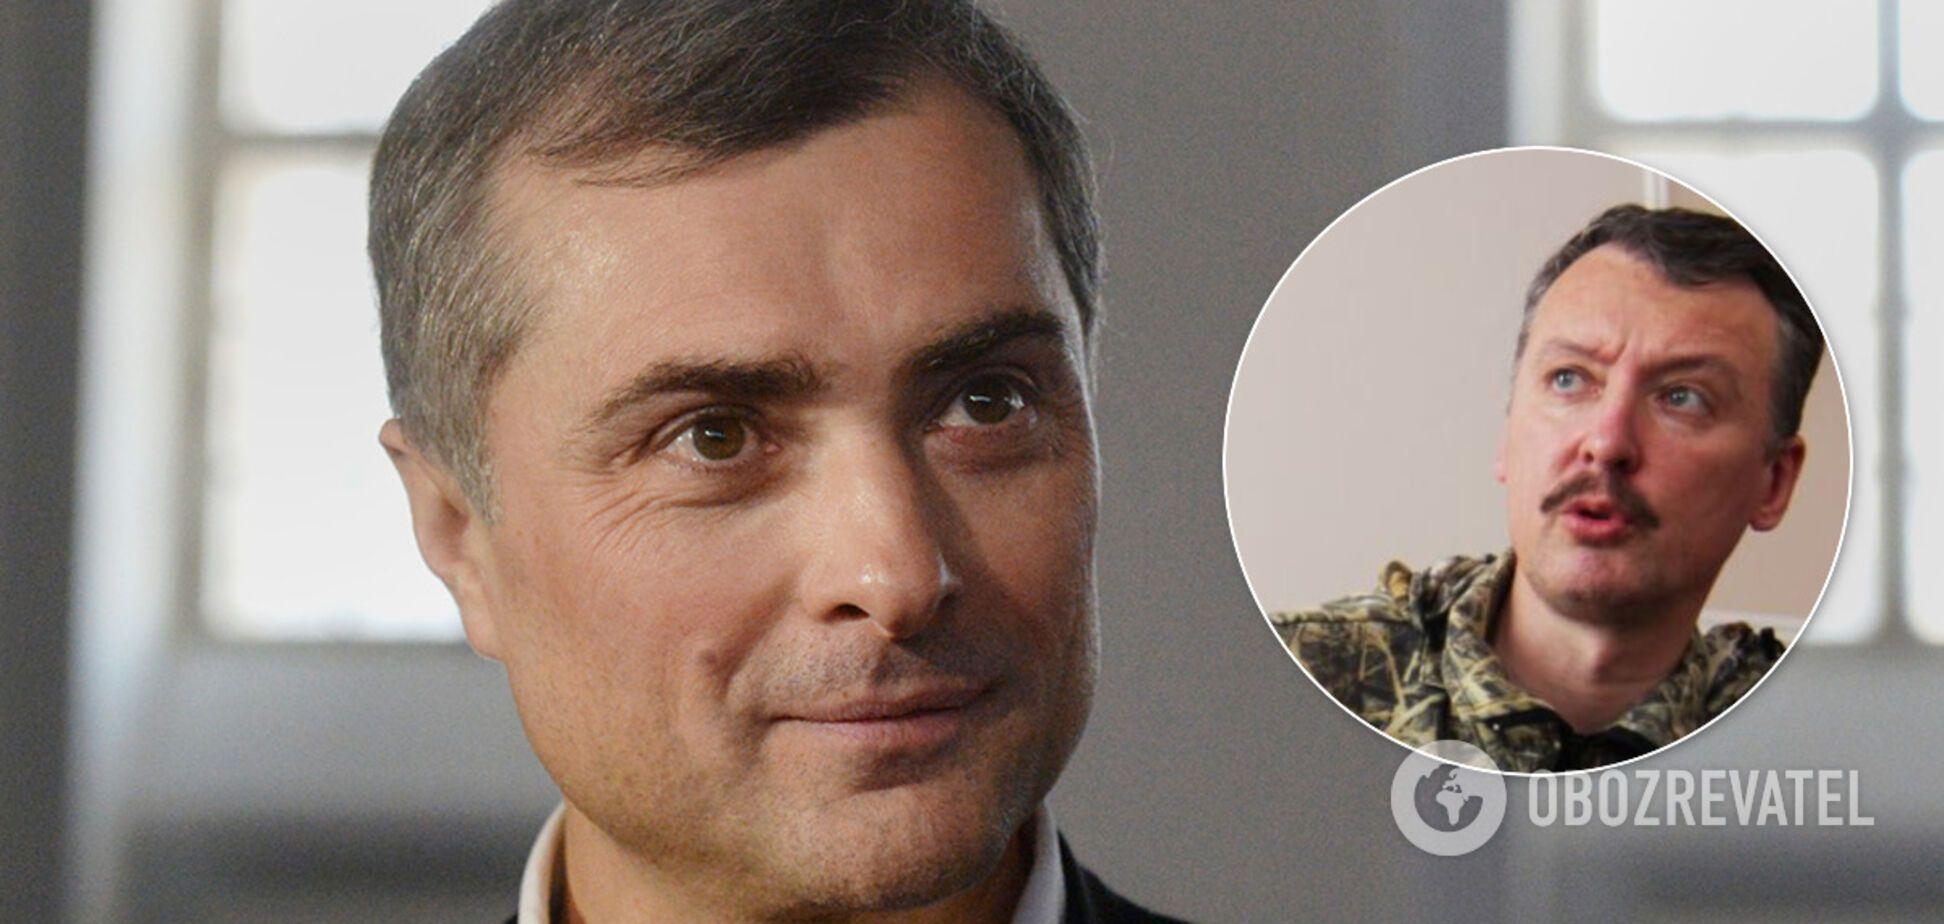 Гиркин назвал экс-помощника Путина 'конченным мерзавцем'